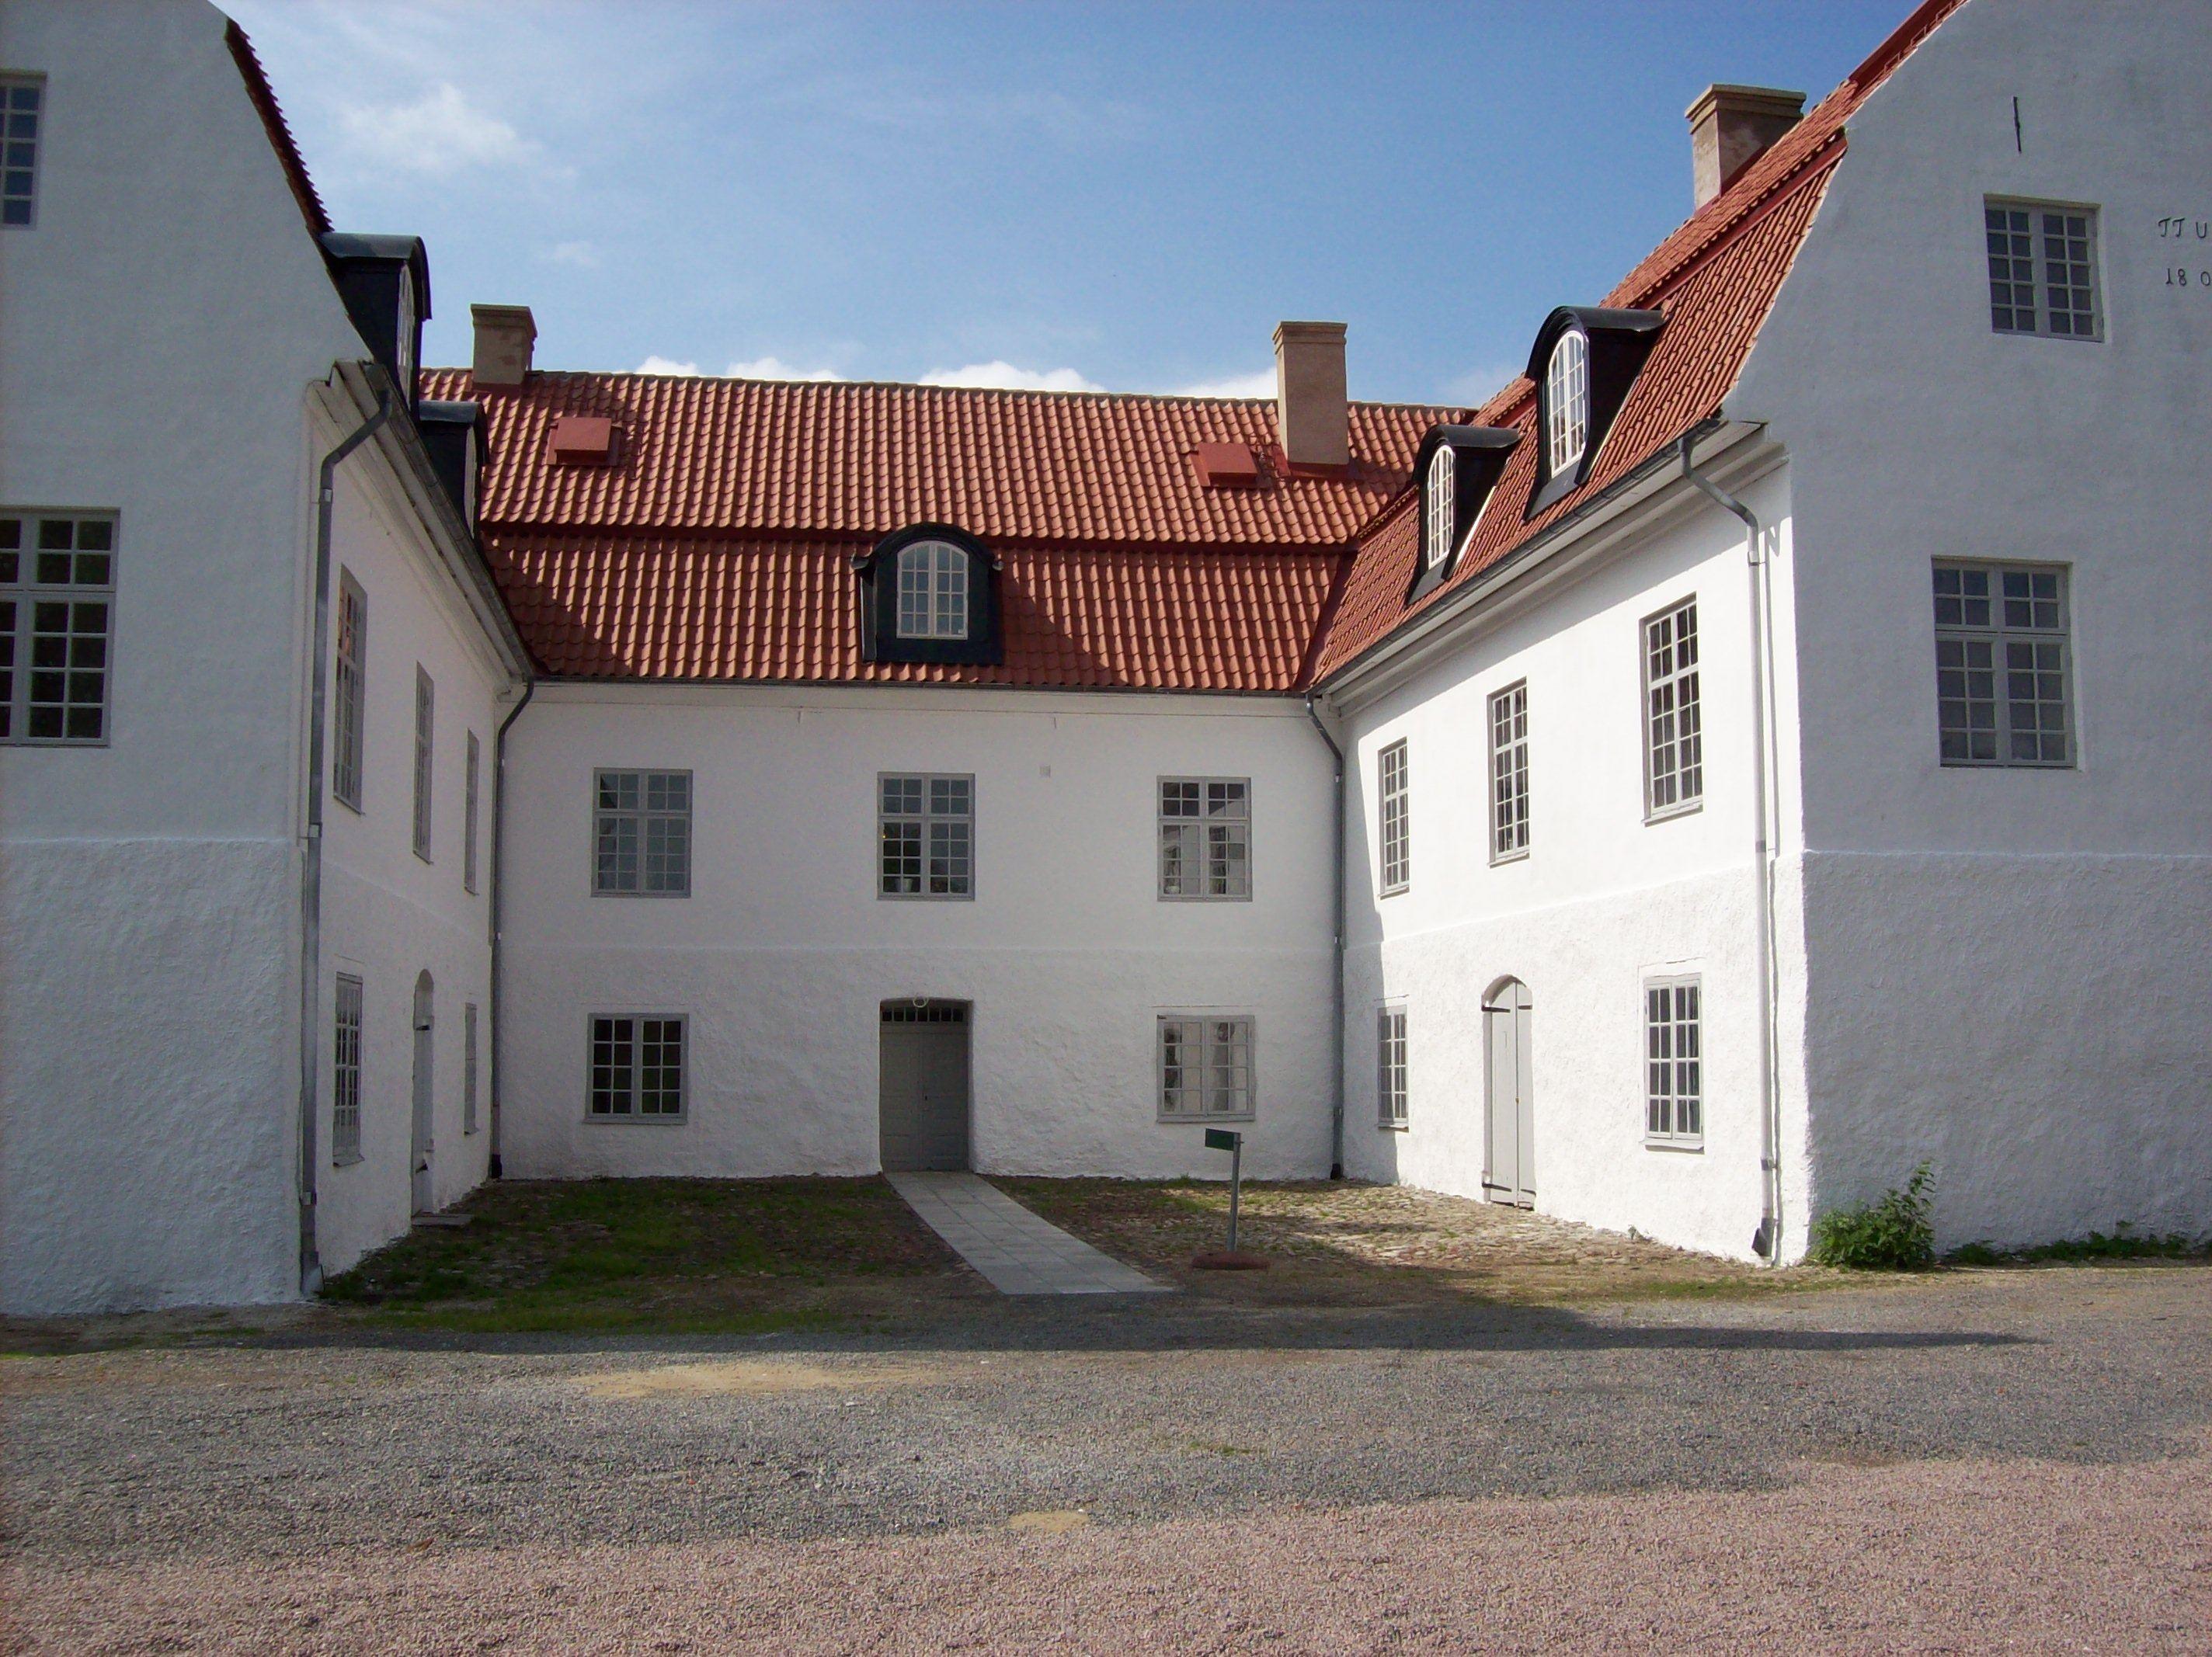 Kåseholms Slott